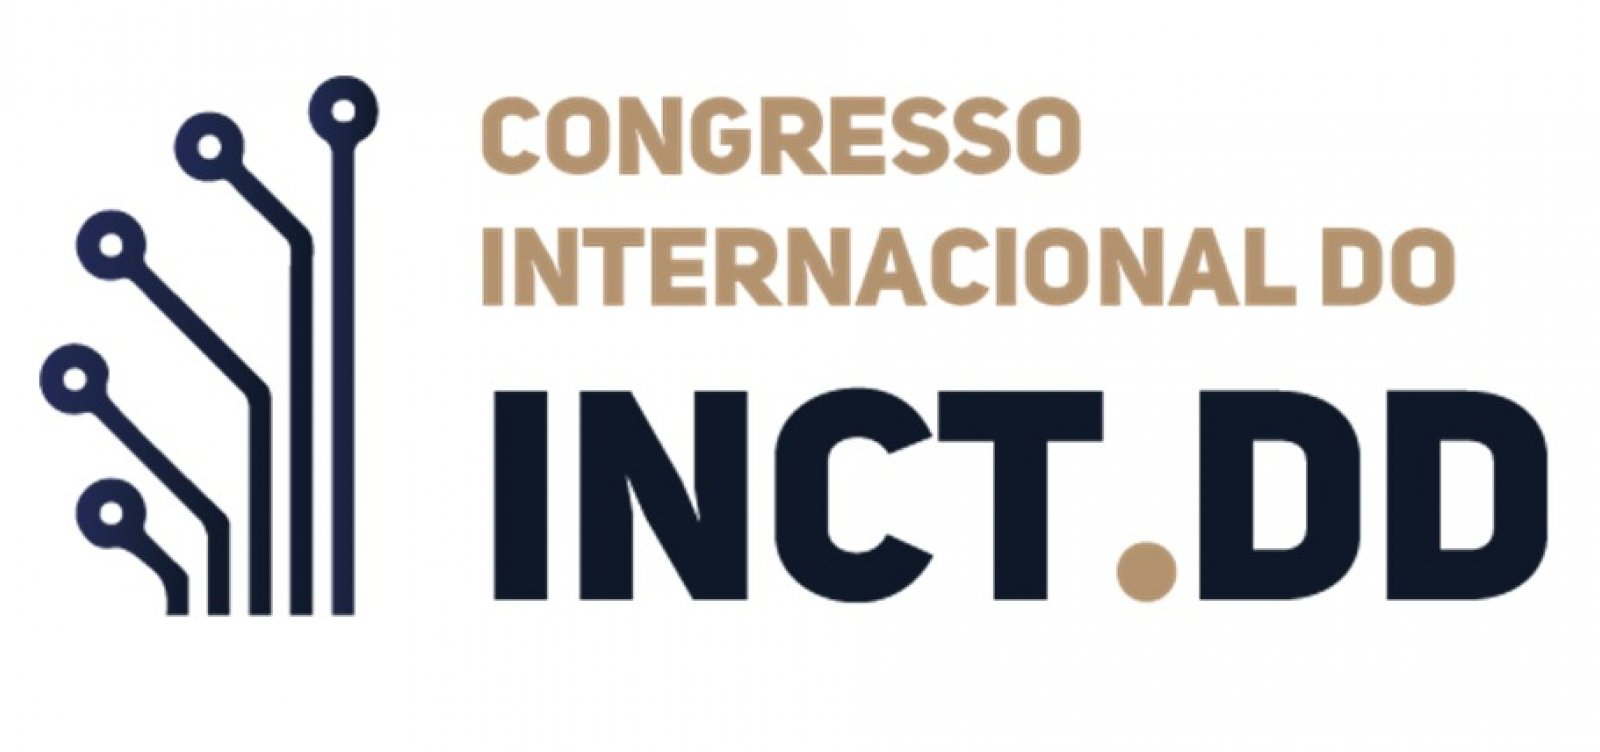 [Congresso online reúne especialistas para discutir futuro da democracia digital]